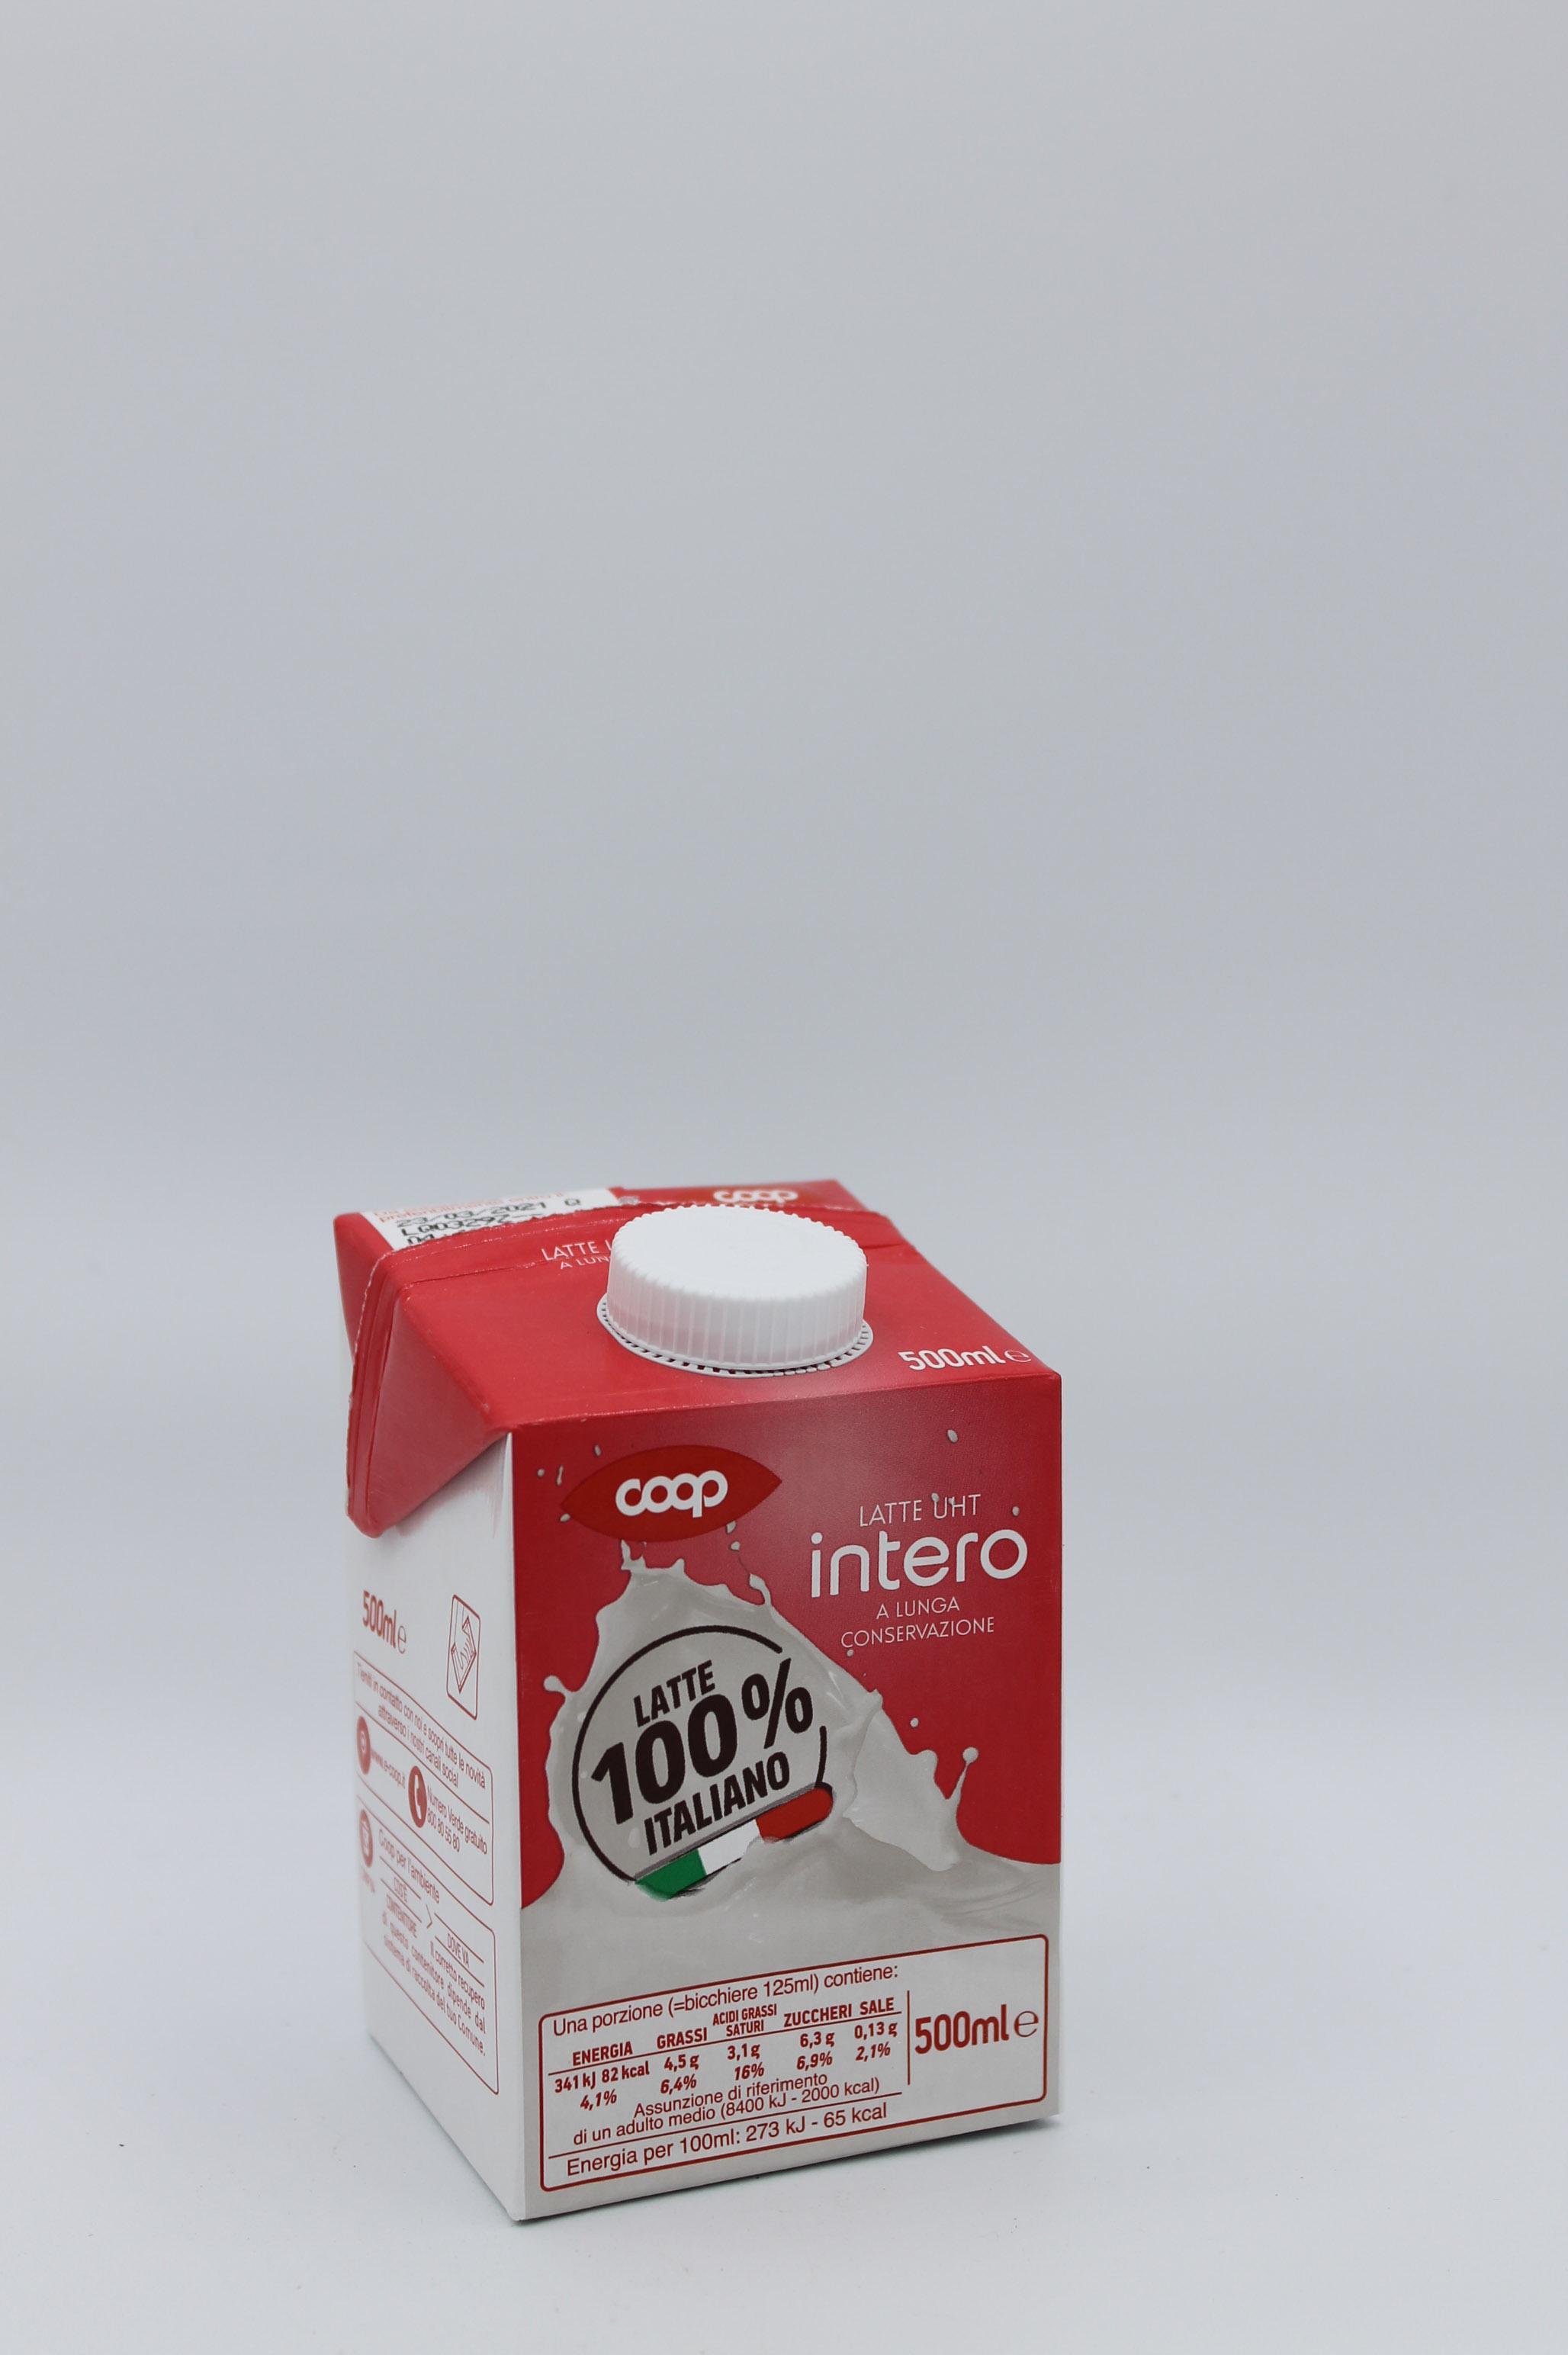 Coop latte intero 500 ml.